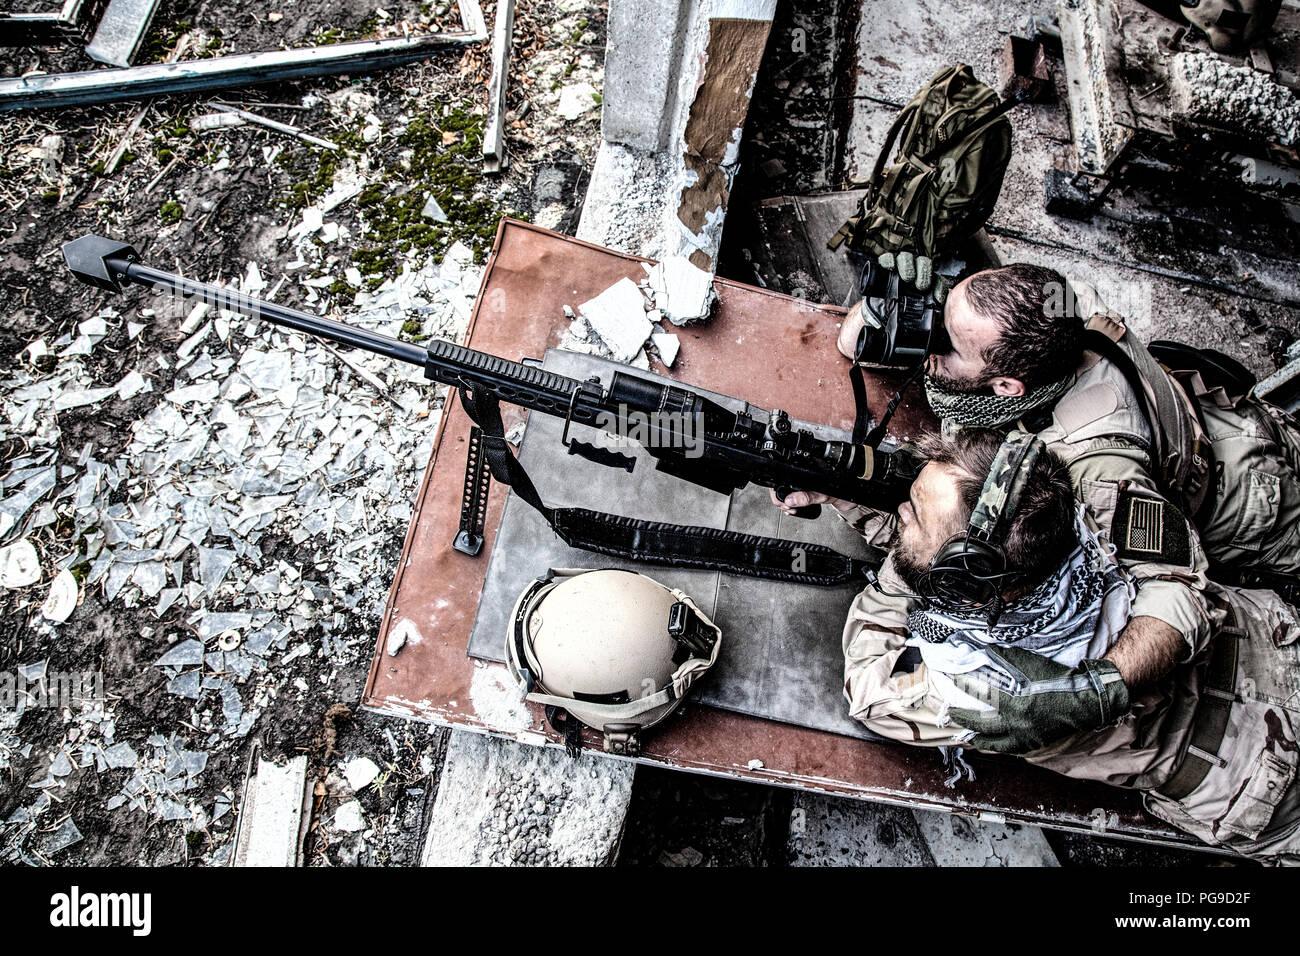 Commando sniper team in ambush during city fight Stock Photo